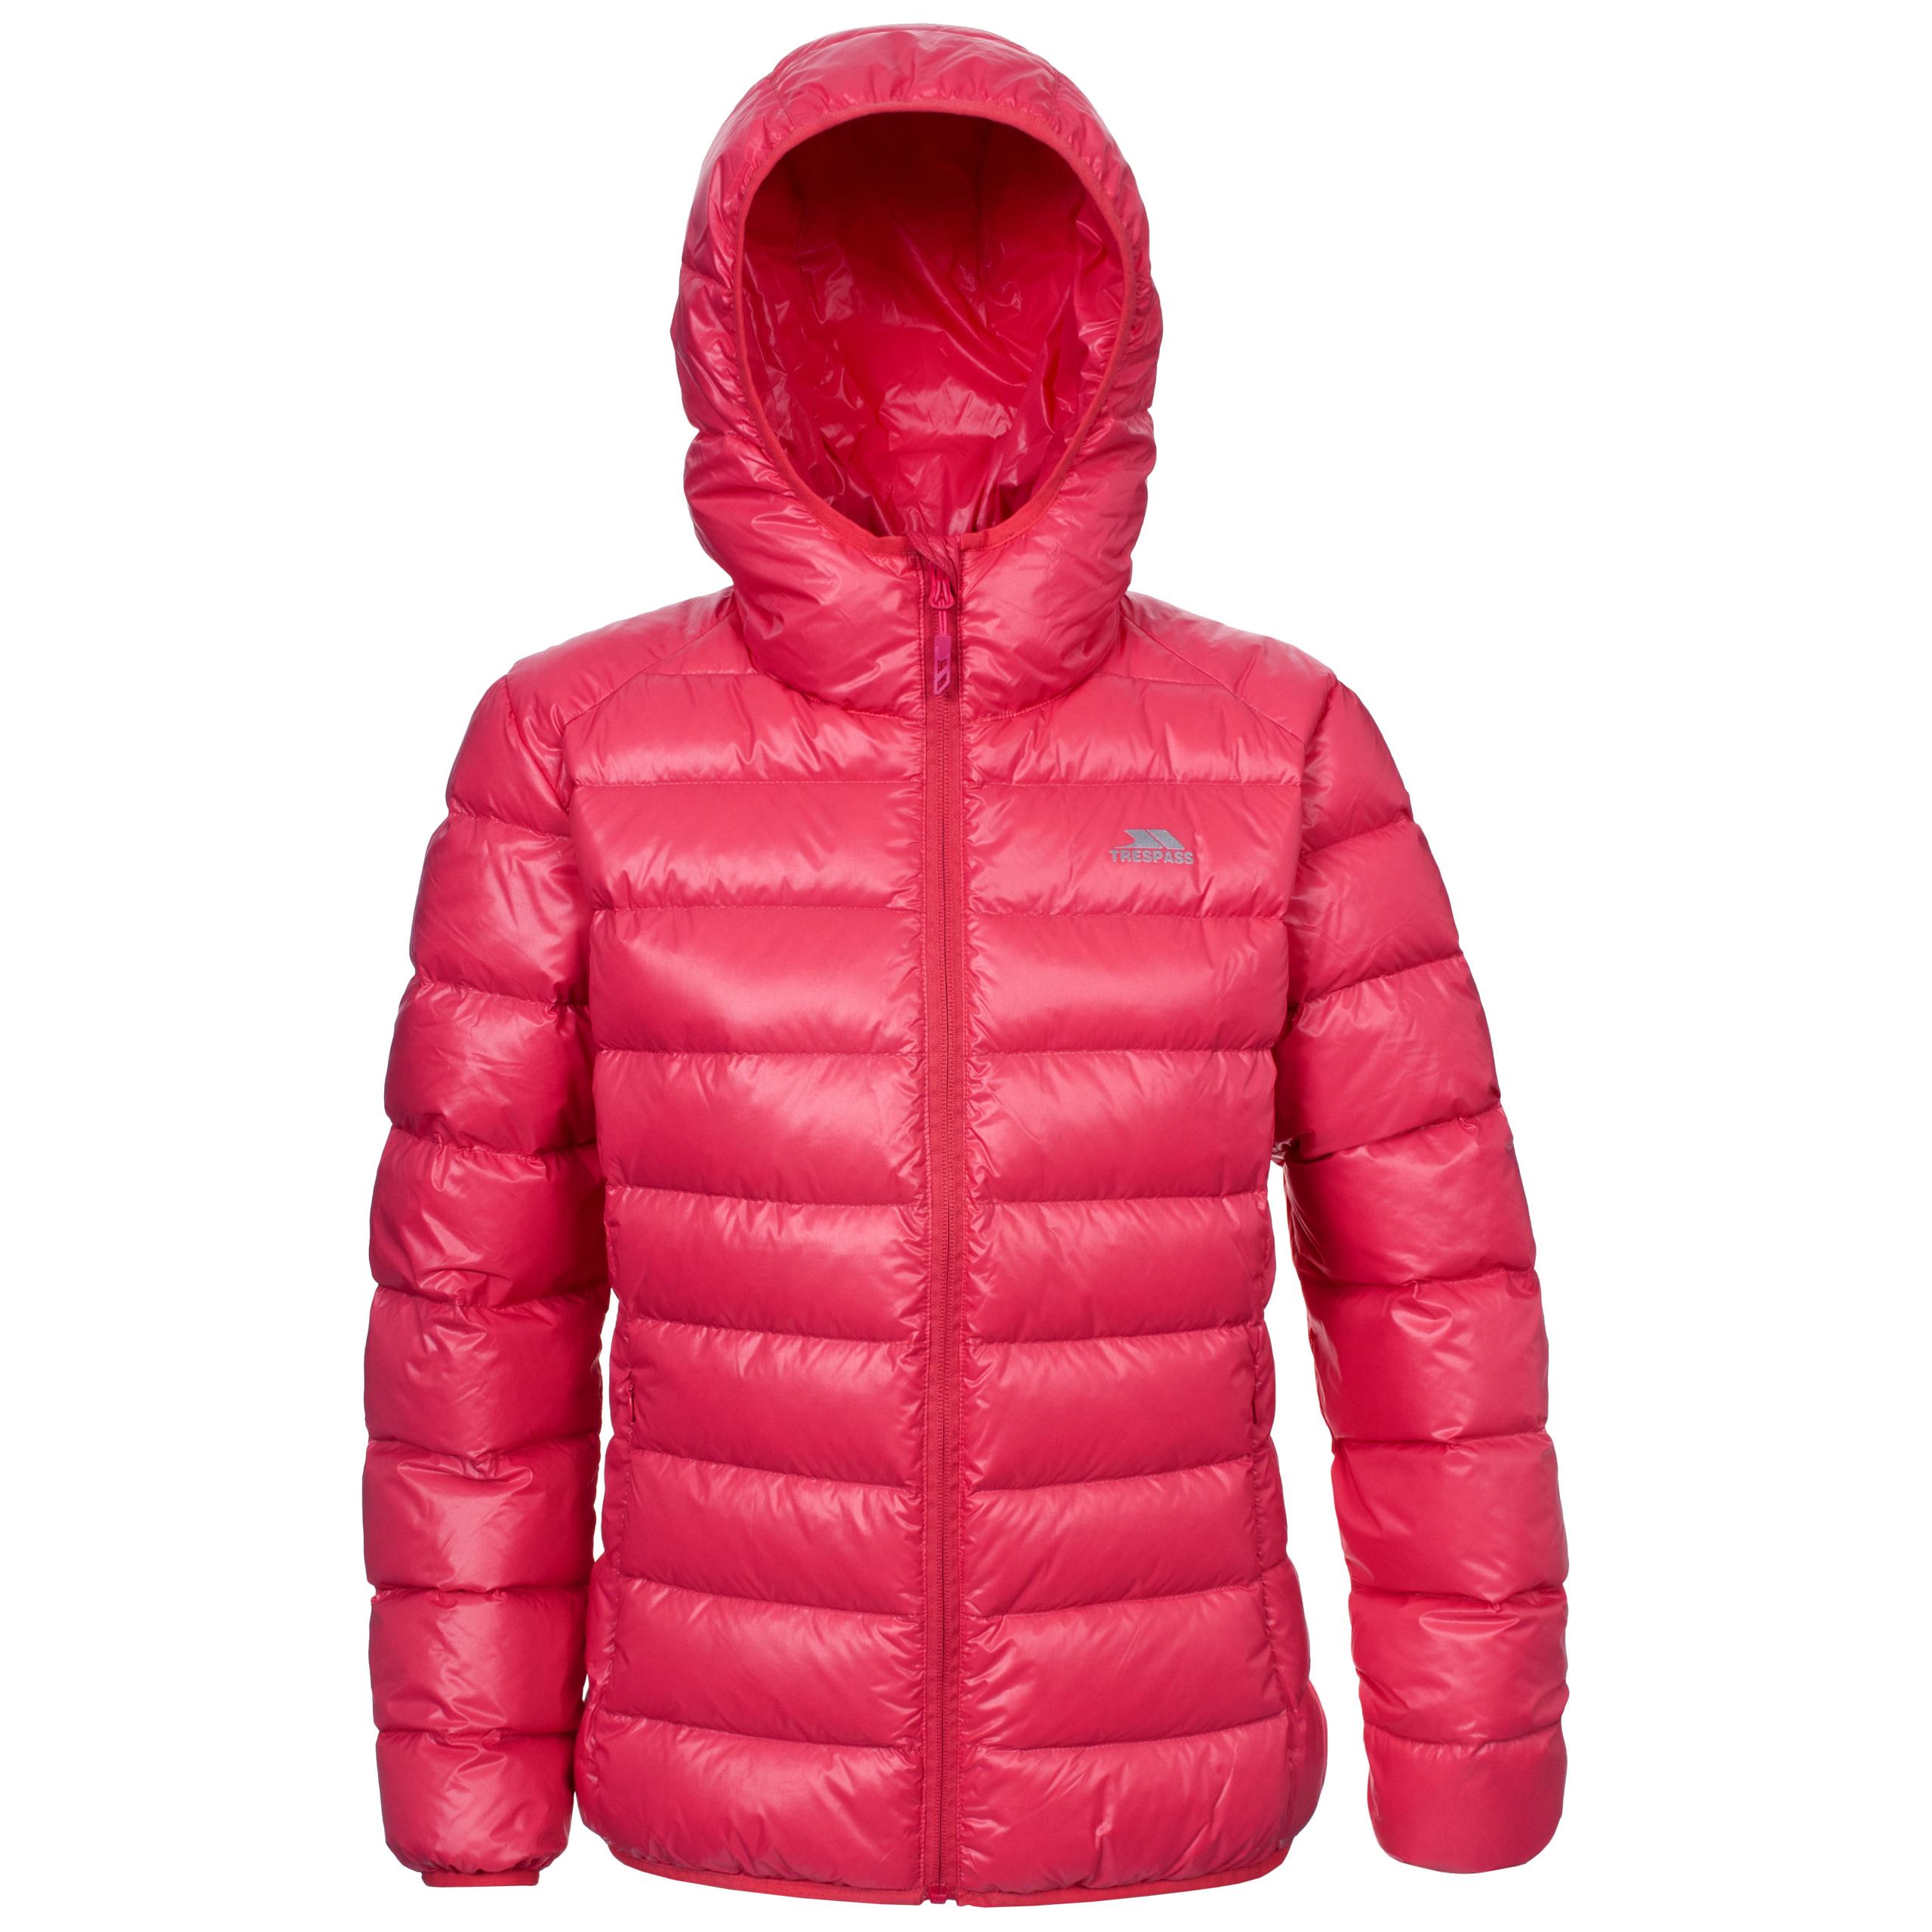 Trespass Martine Pack Away Womens Winter Down Jacket Lightweight ...